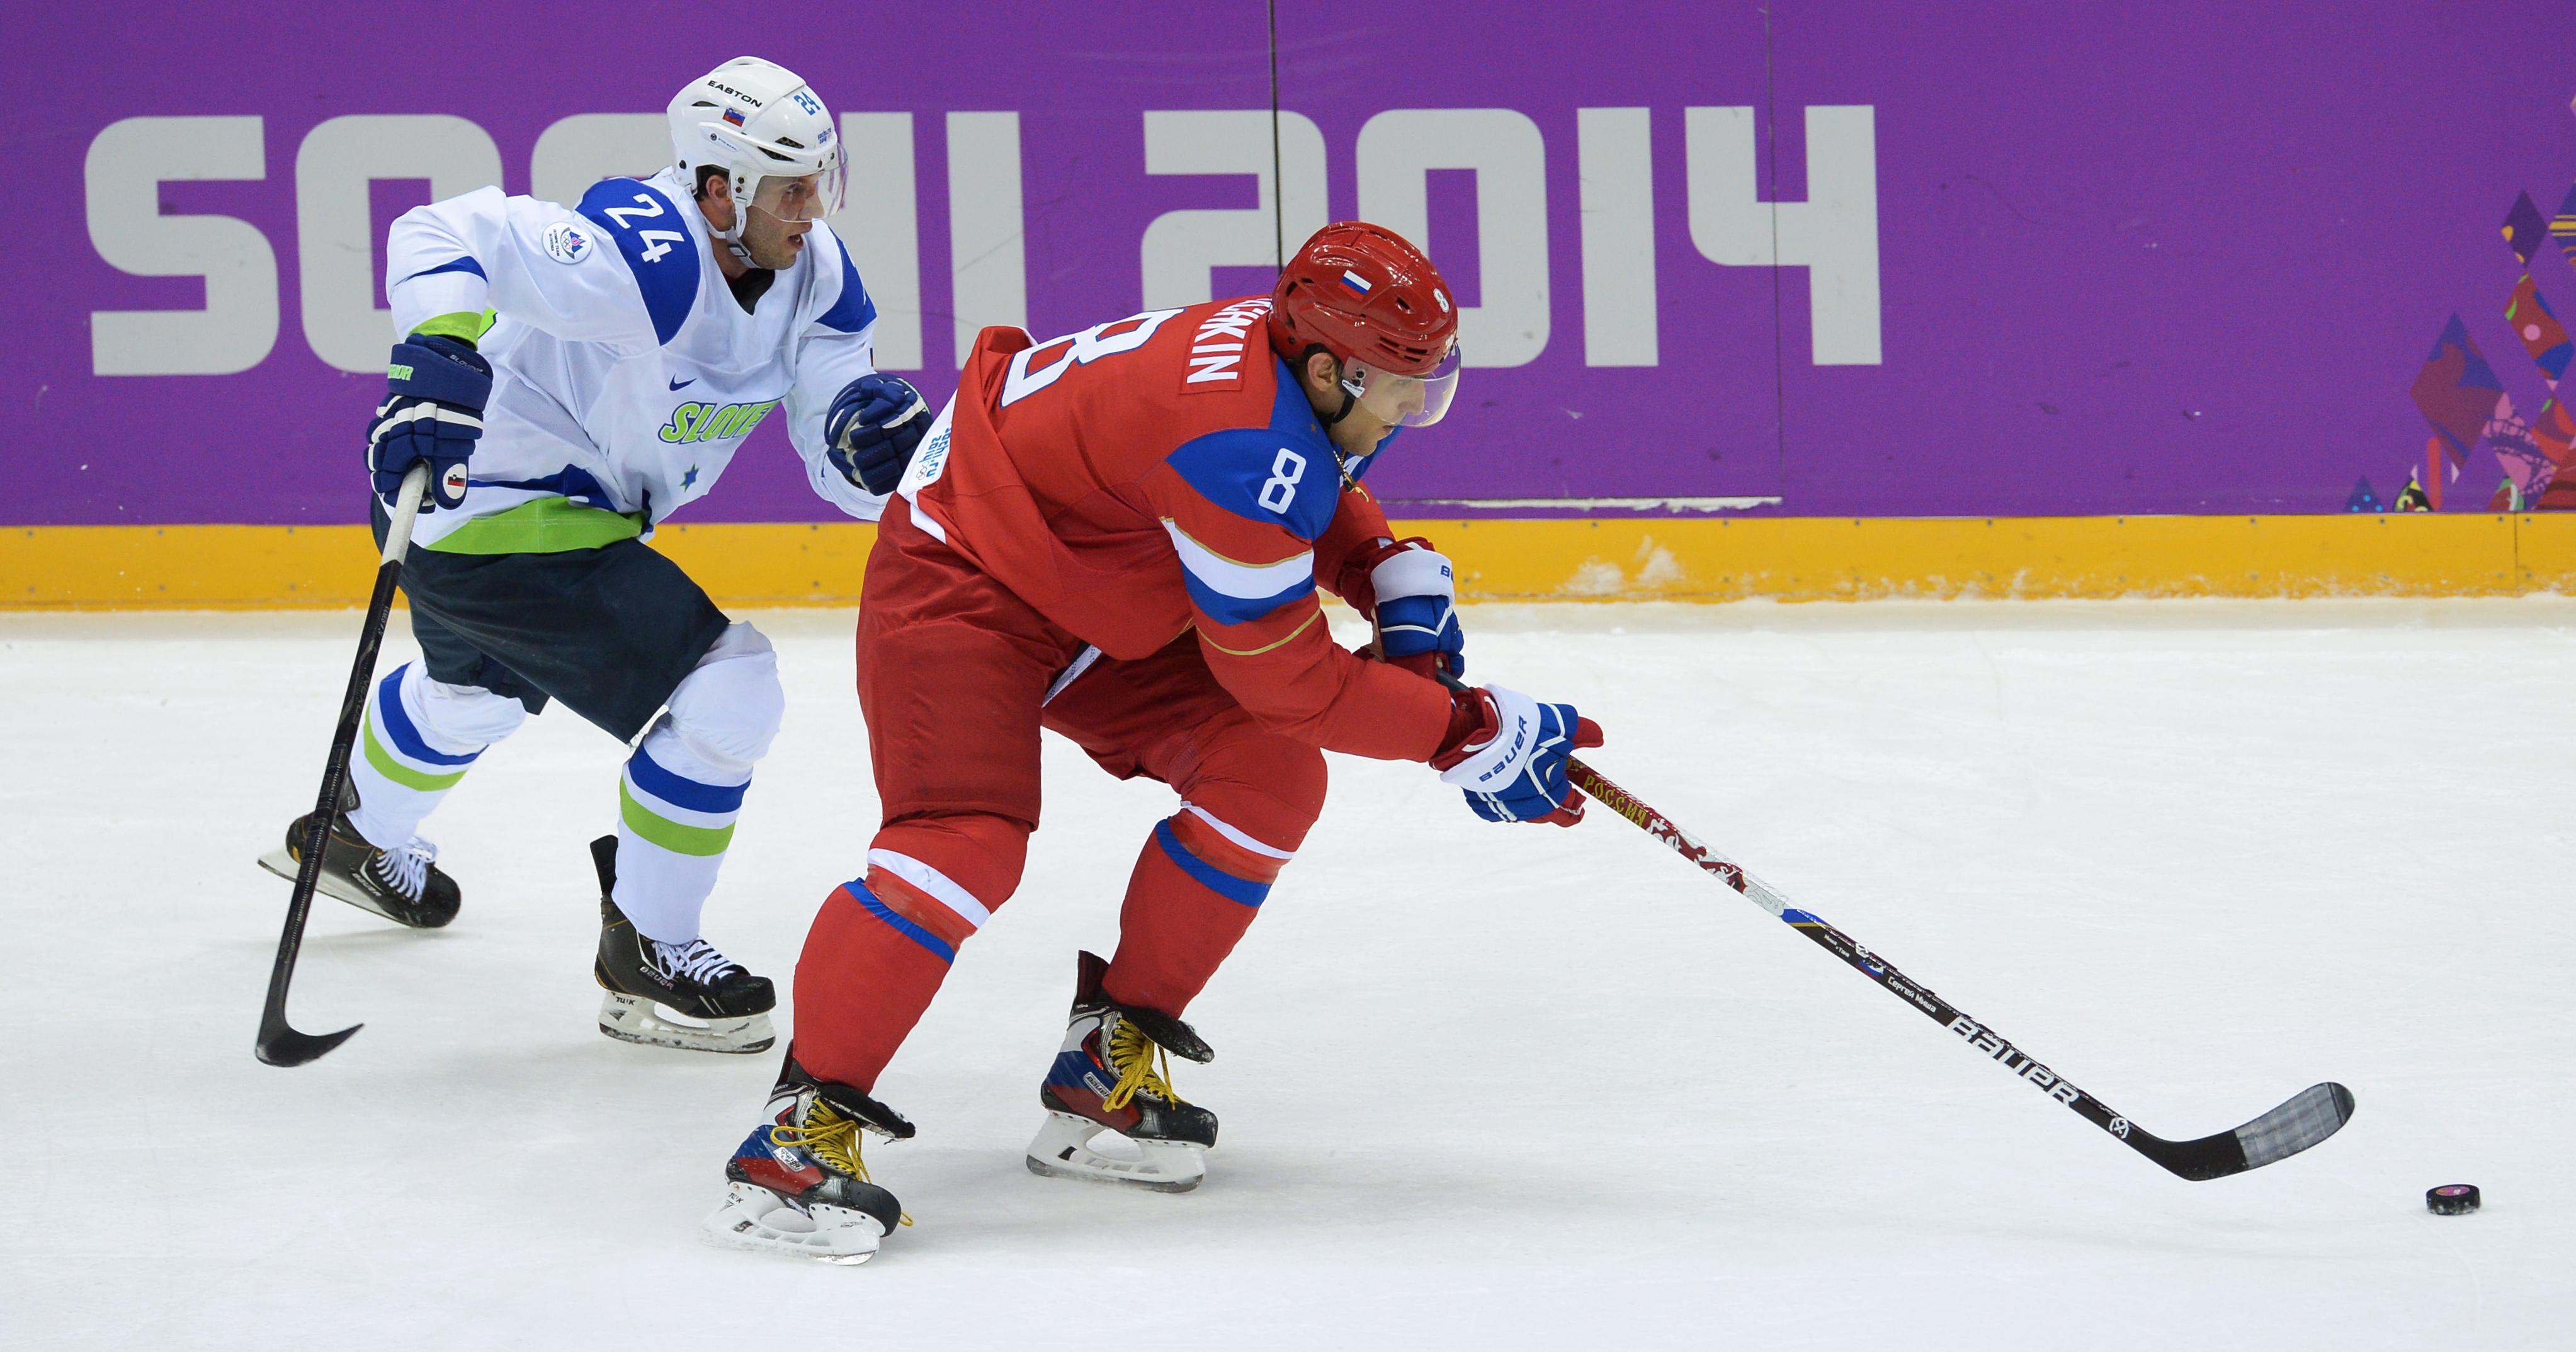 Прогноз кто выграет олимпиаду в сочи по хоккею